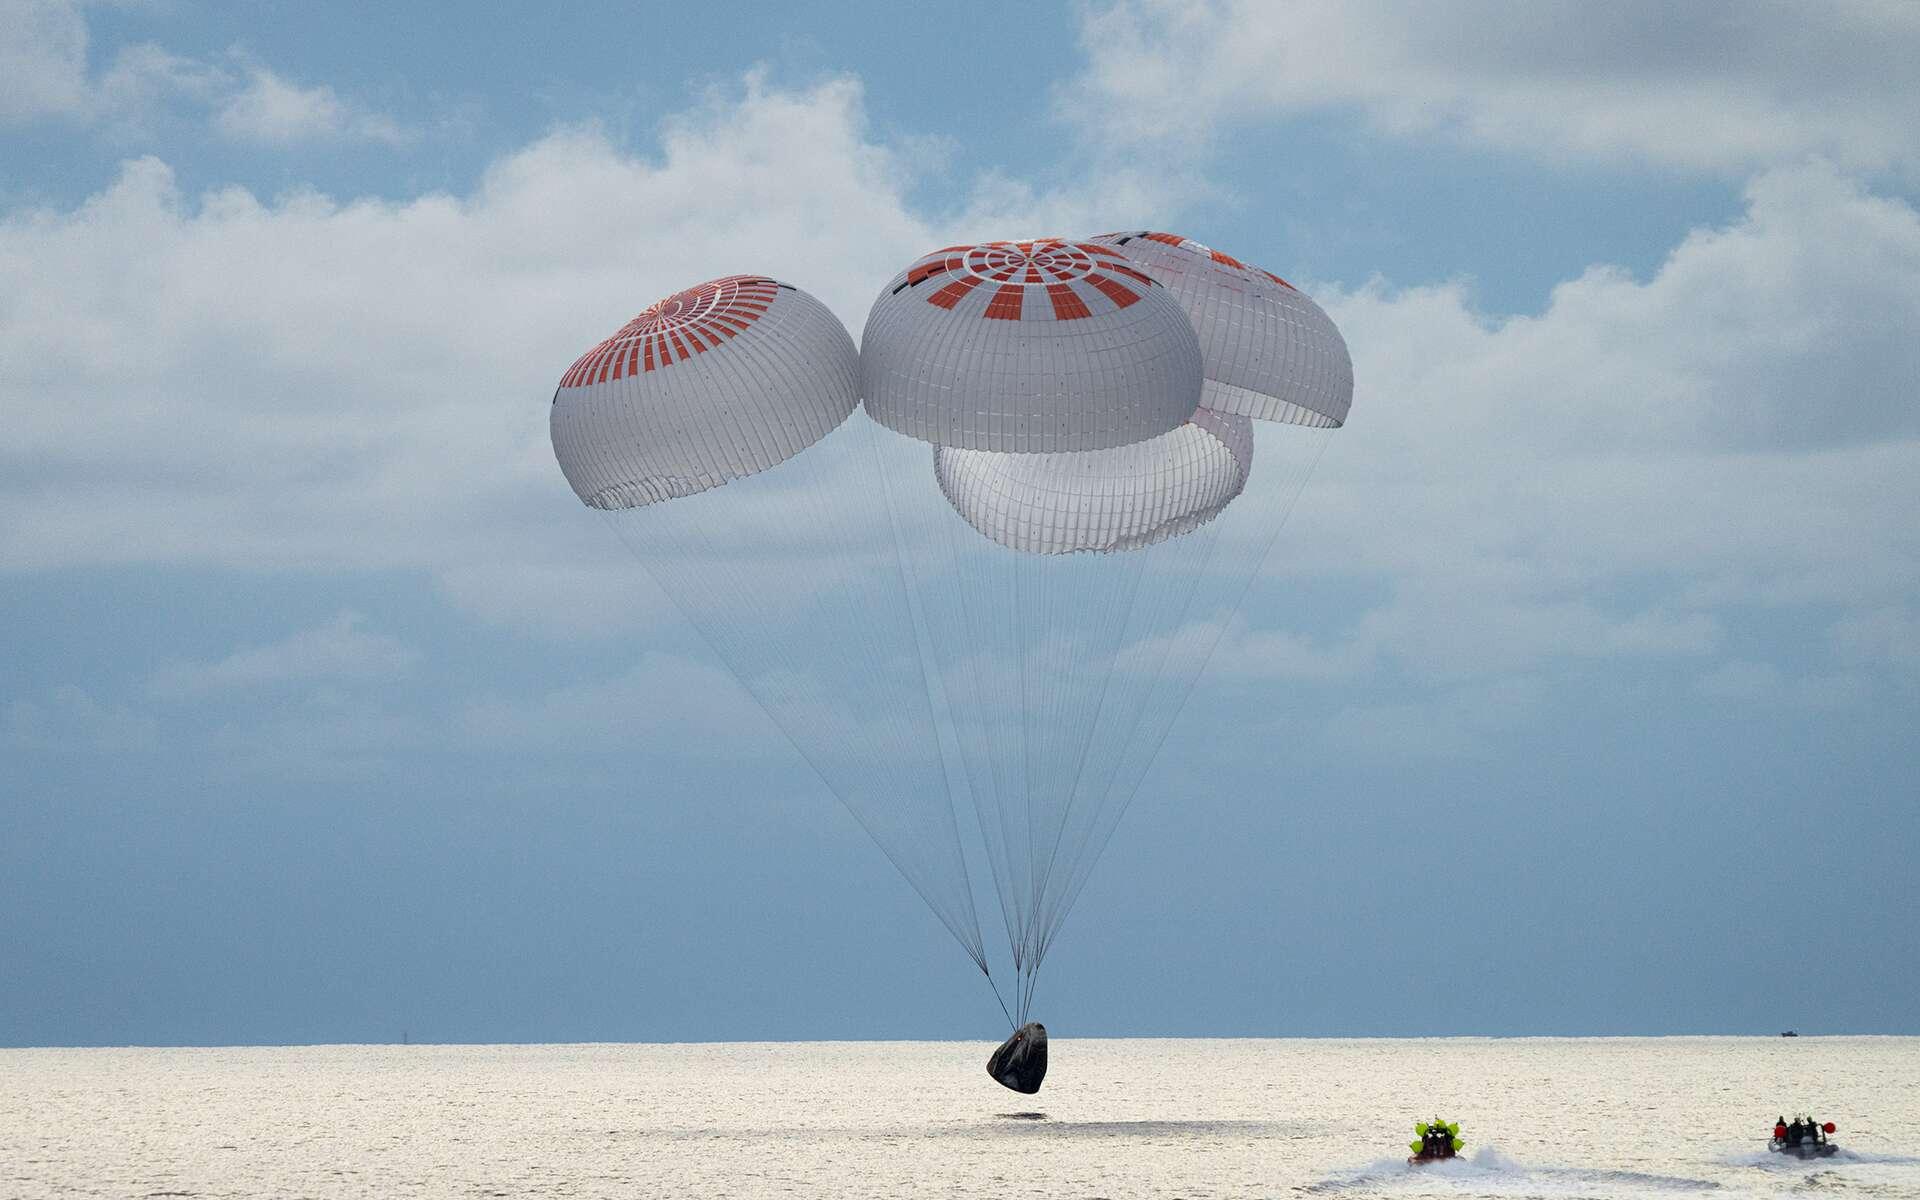 Amarrage réussi pour le Crew Dragon de SpaceX. Les « spatiotouristes » d'Inspiration4 sont revenus sur Terre sans encombre. © SpaceX